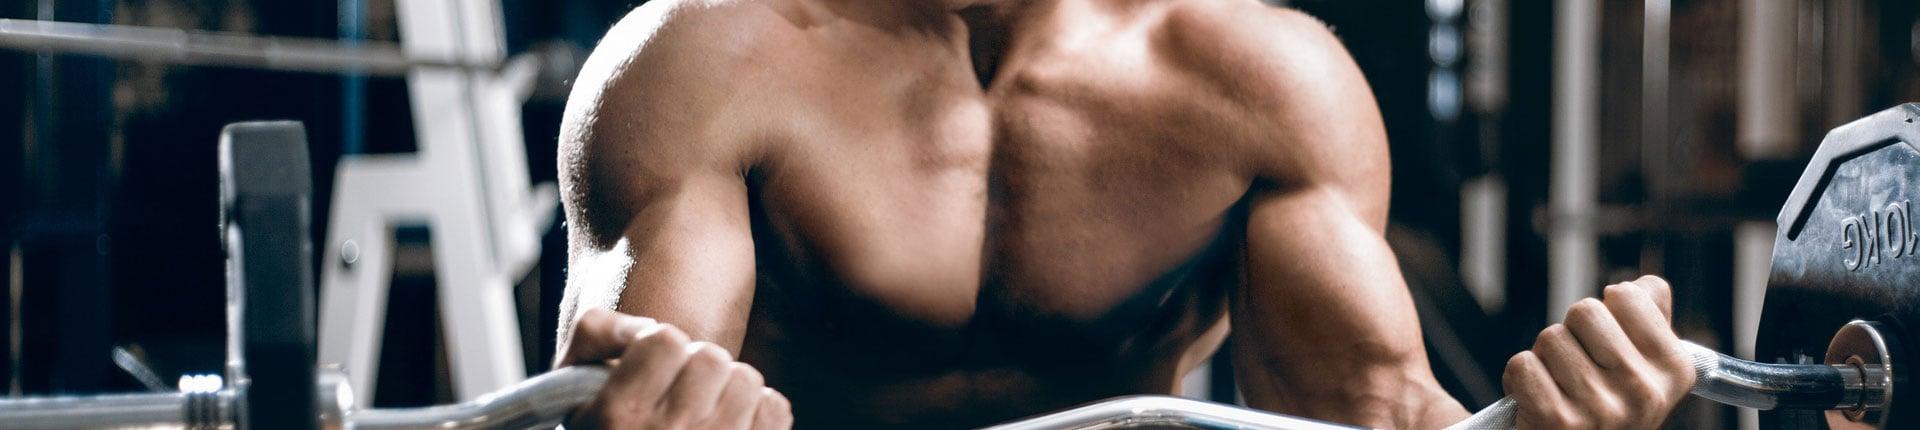 Hormon wzrostu, jak naturalnie zwiększyć jego poziom?